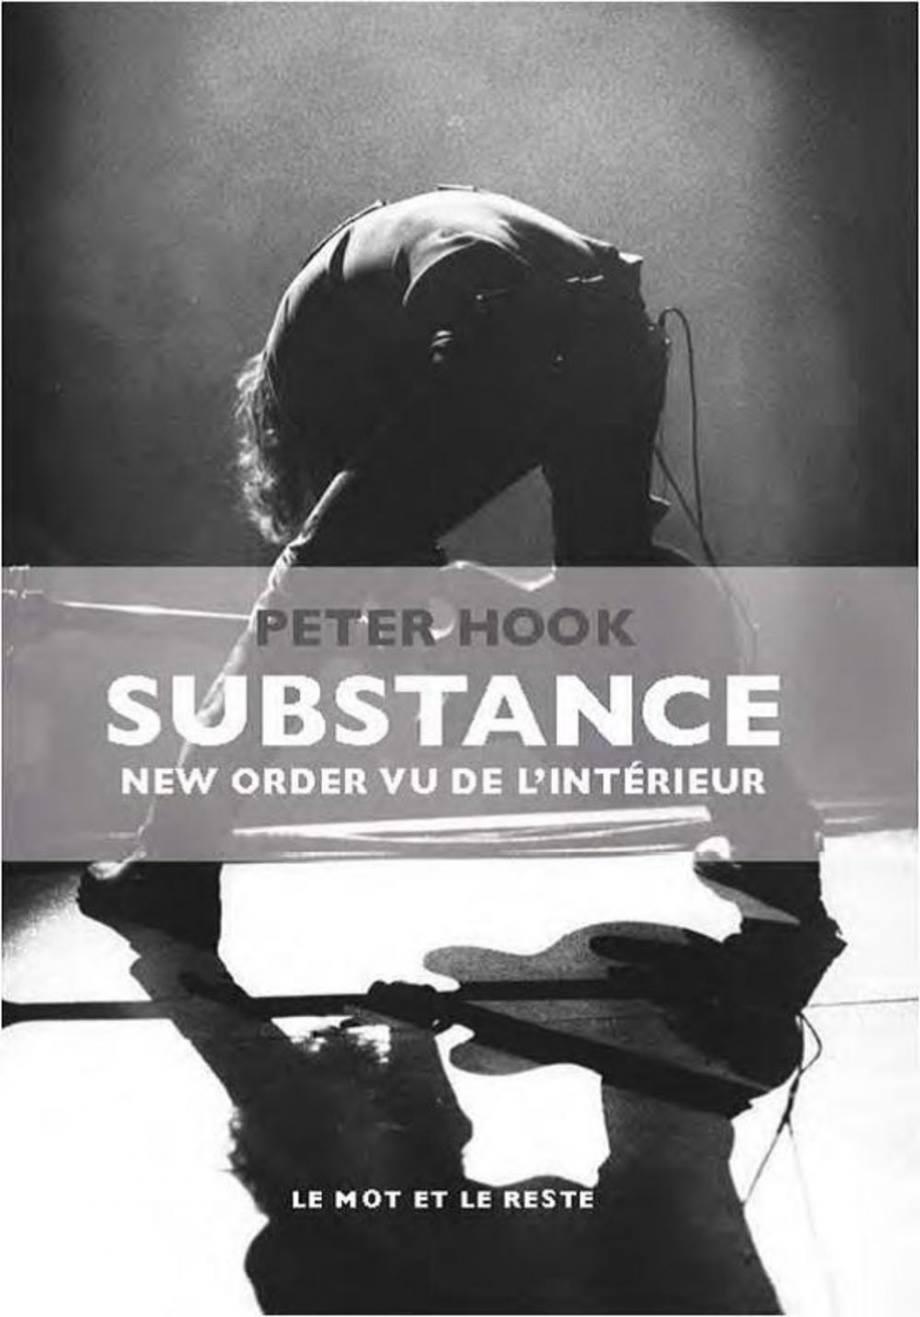 Peter Hook / Substance, New Order vu de l'intérieur.